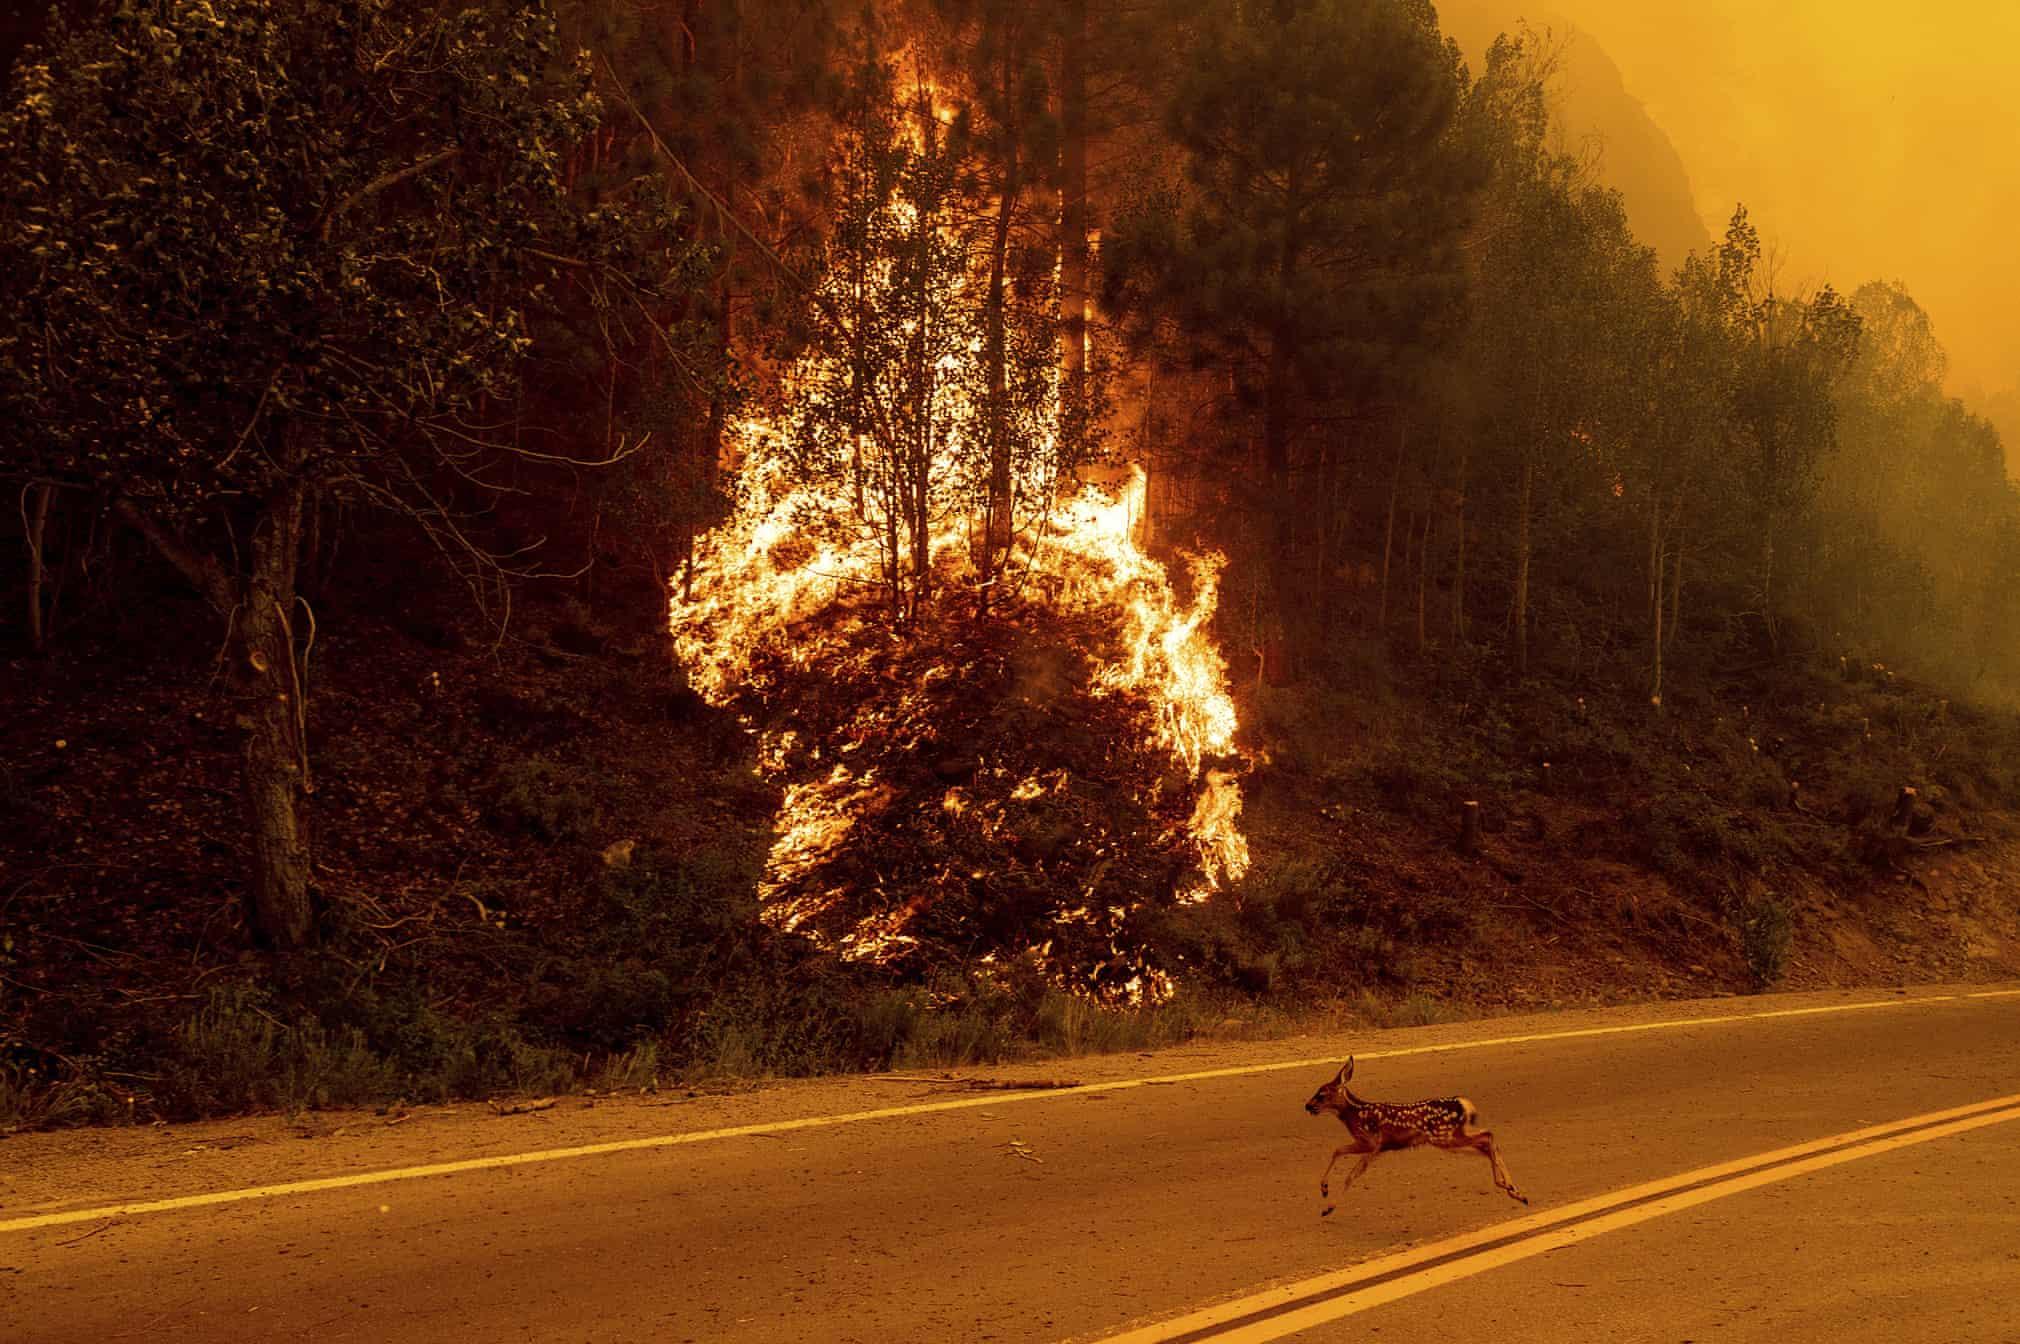 بچه آهوی وحشت زده از آتش سوزی جنگل های کالیفرنیا + عکس